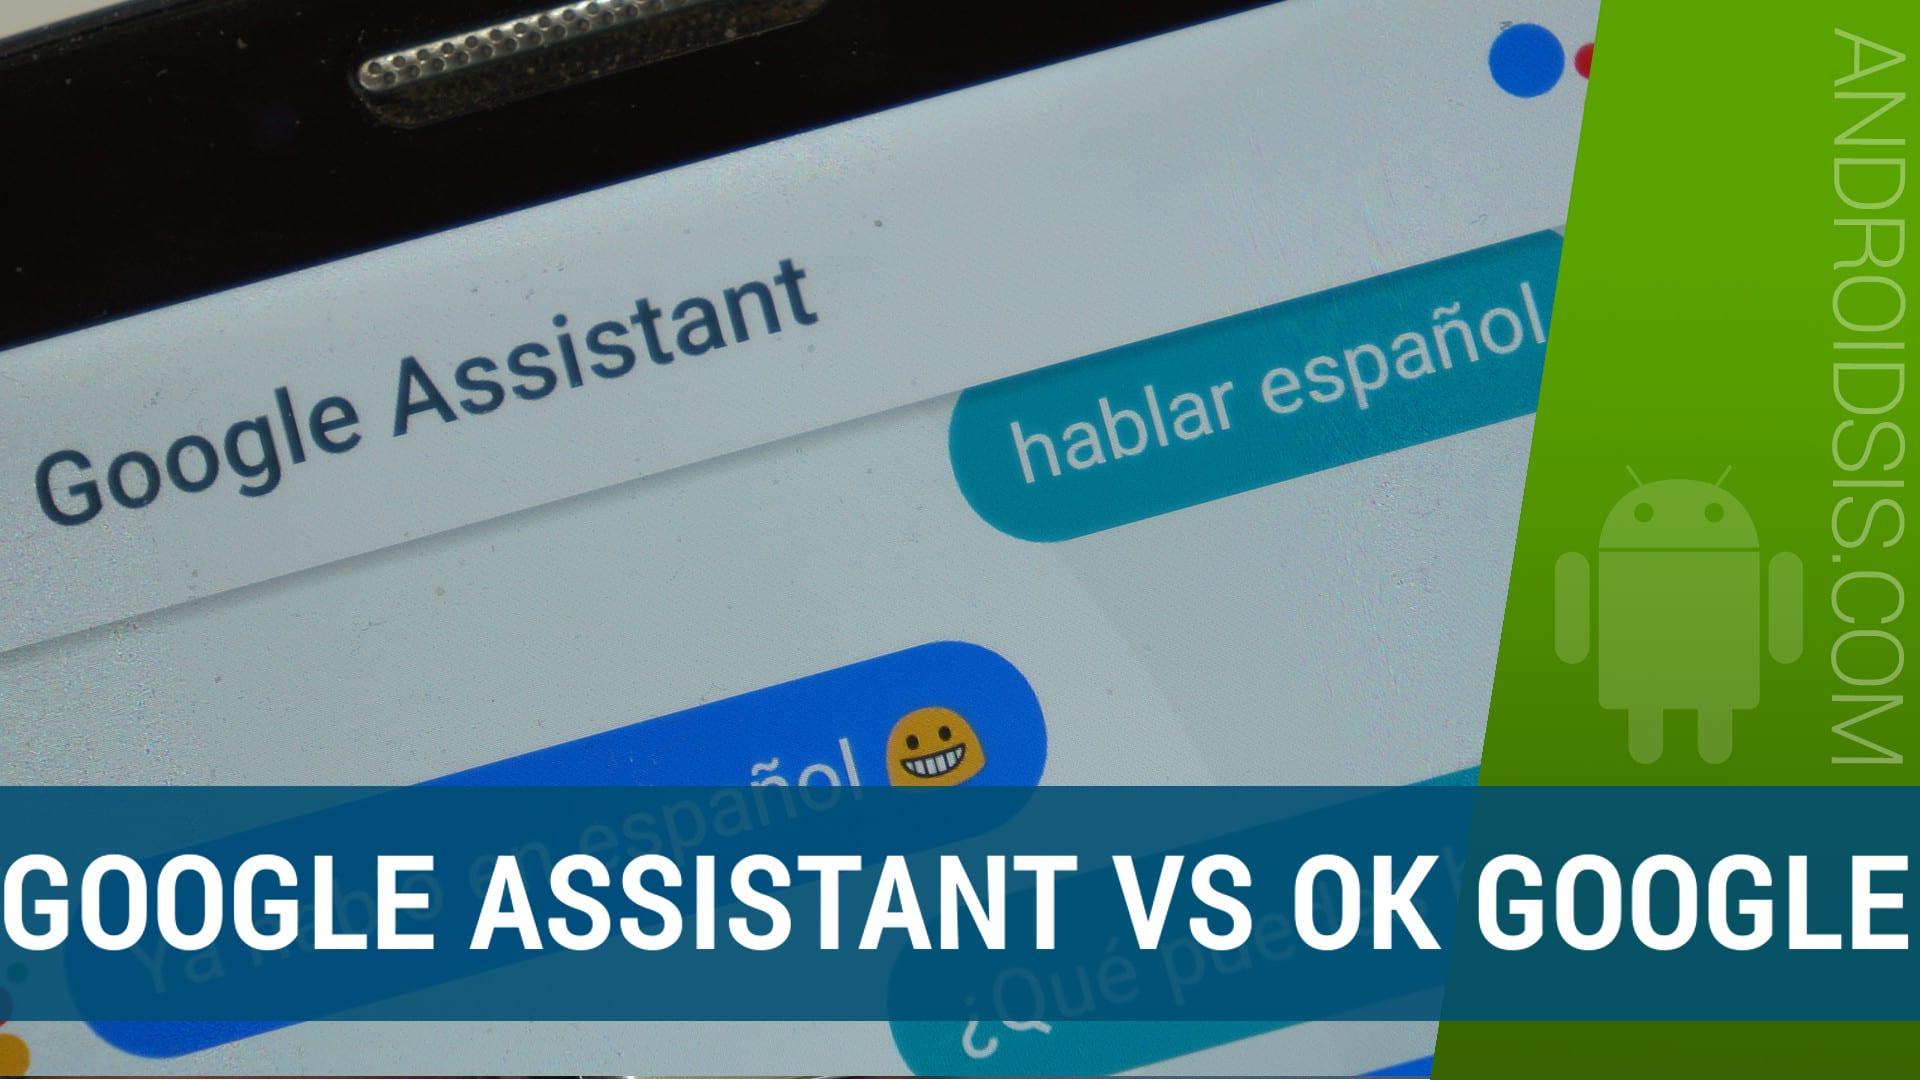 Google Assistant VS Google Now